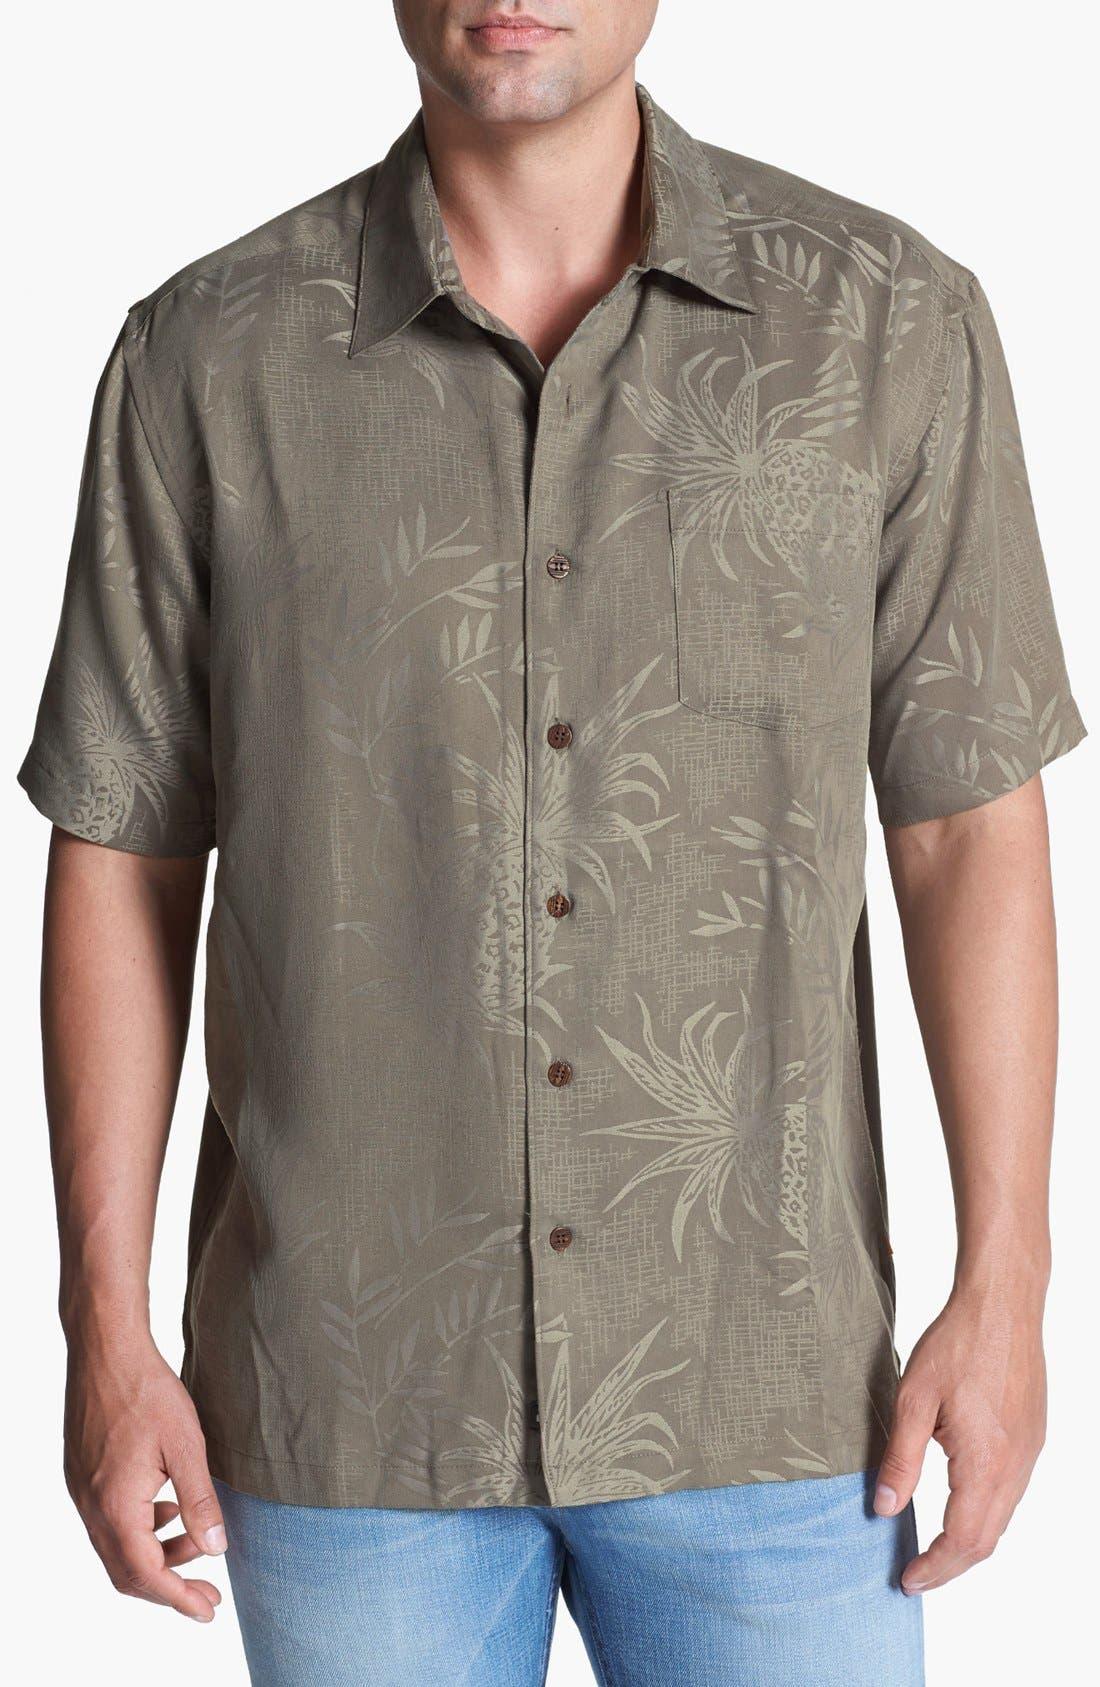 Alternate Image 1 Selected - Quiksilver Waterman 'Panui Cove' Campshirt